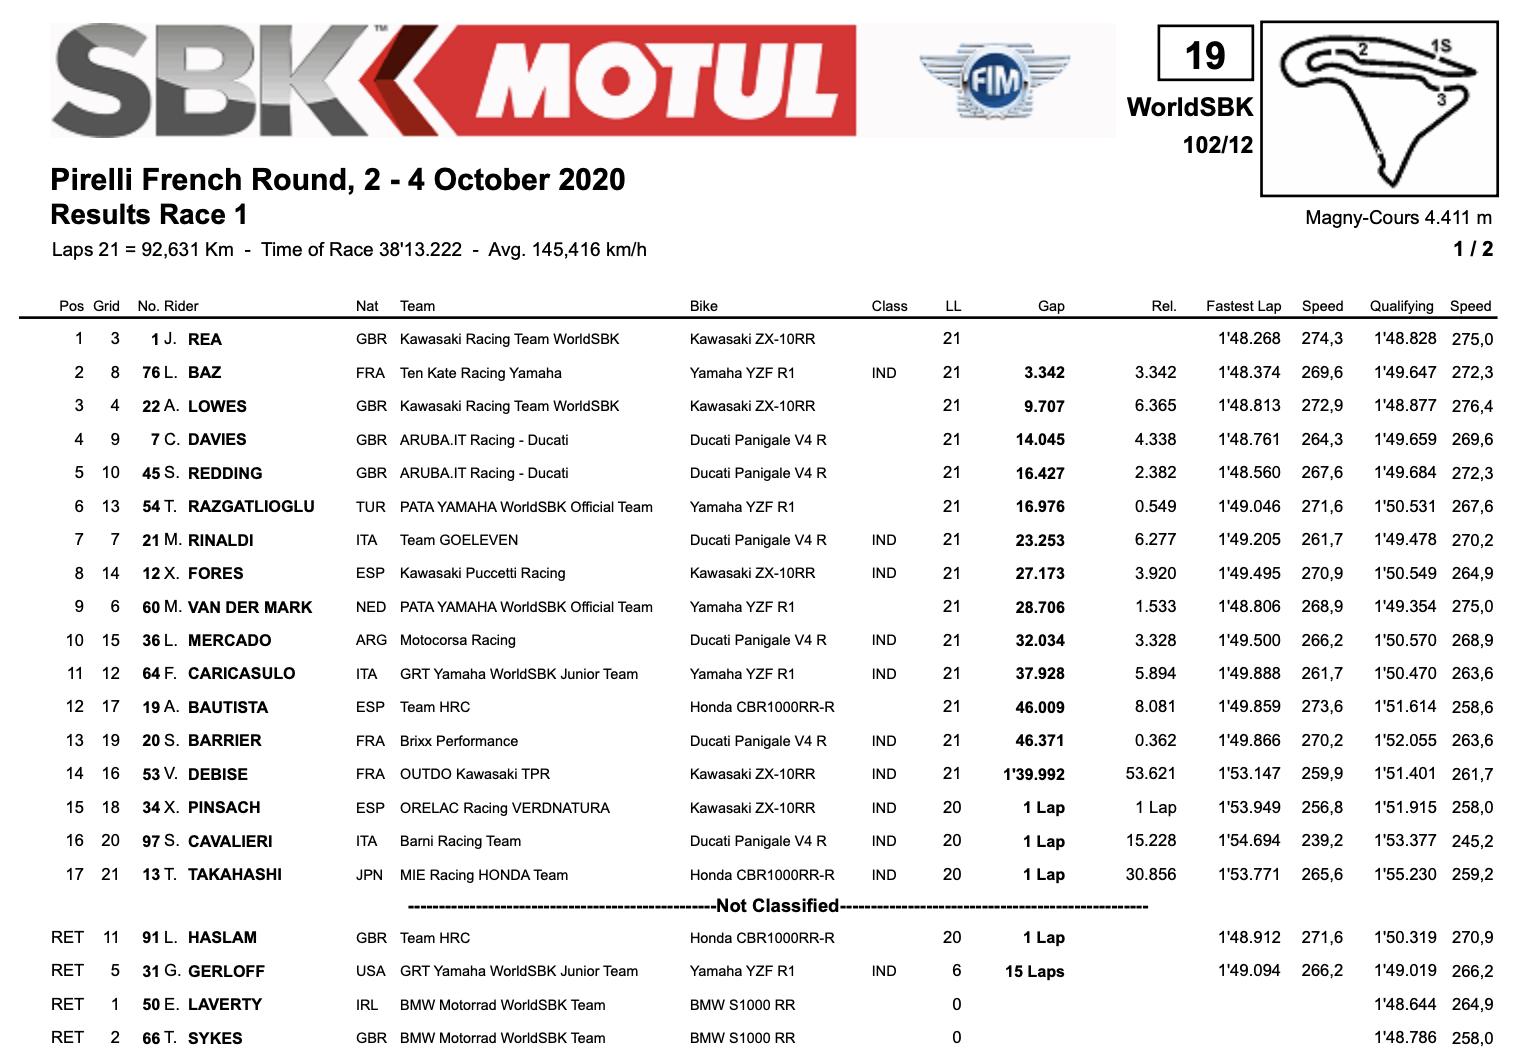 スーパーバイク世界選手権(SBK)マニクール戦 レース1結果